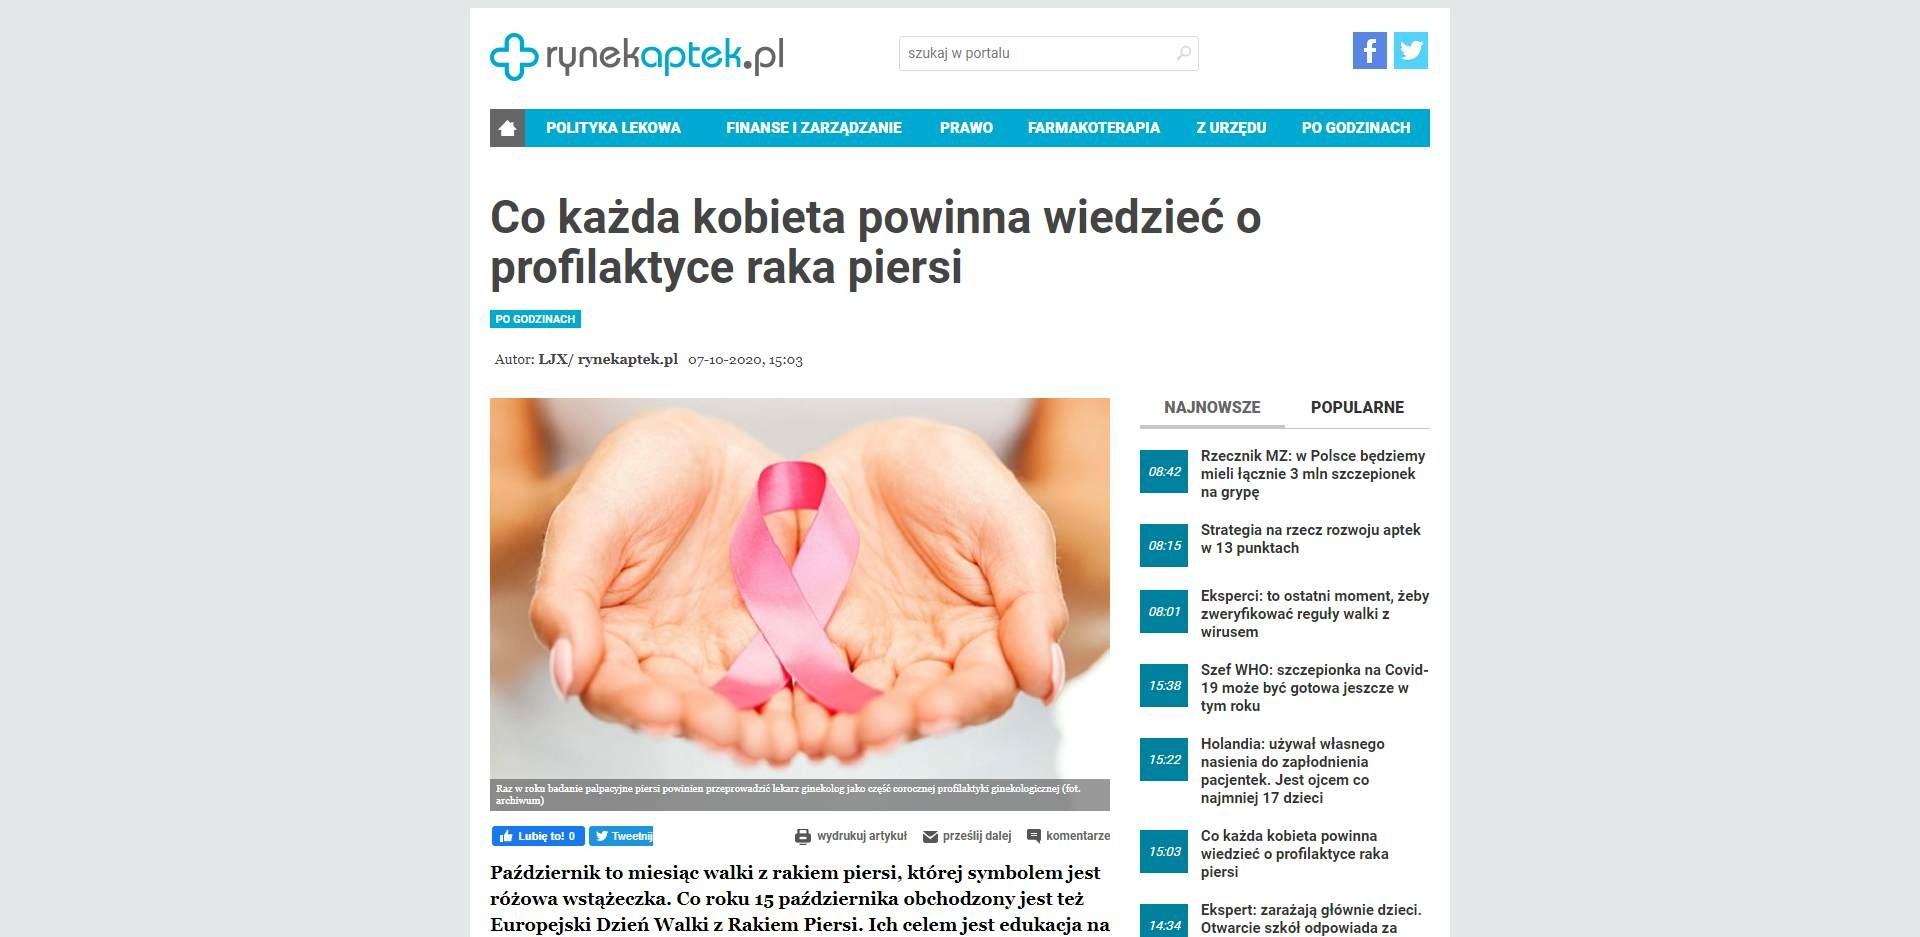 co kazda kobieta powinna wiedziec o profilaktyce raka piersi